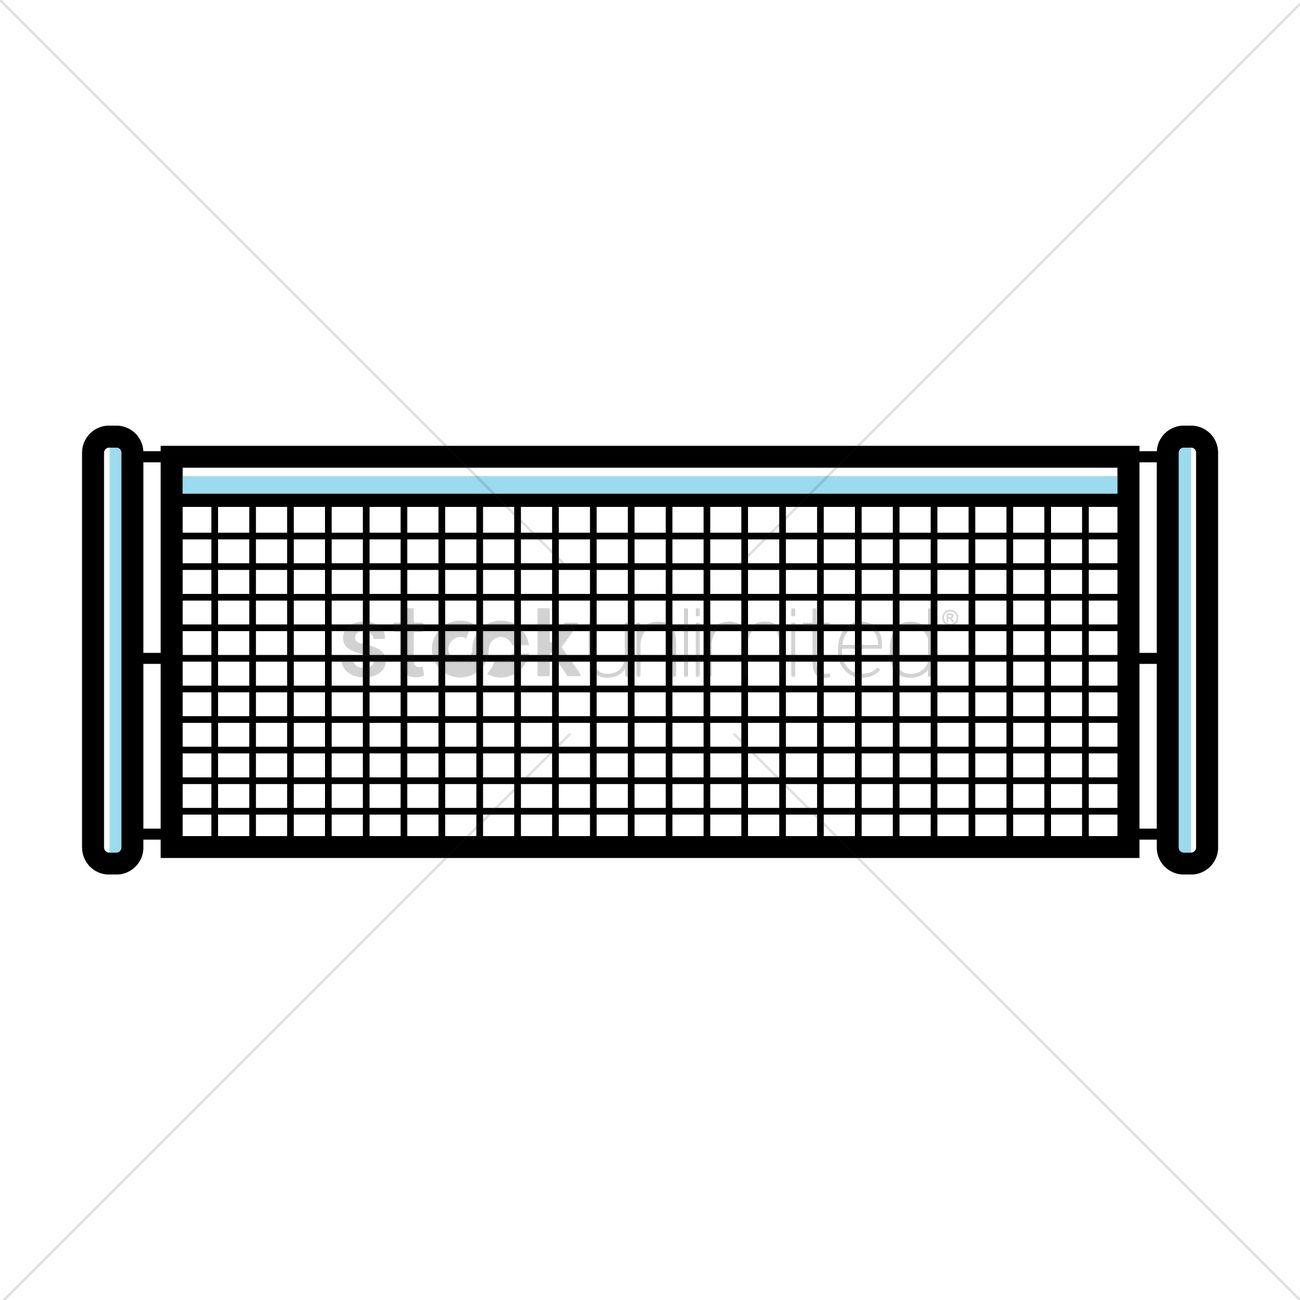 Tennis net Vector Image - 1979563 | StockUnlimited Tennis Net Vector